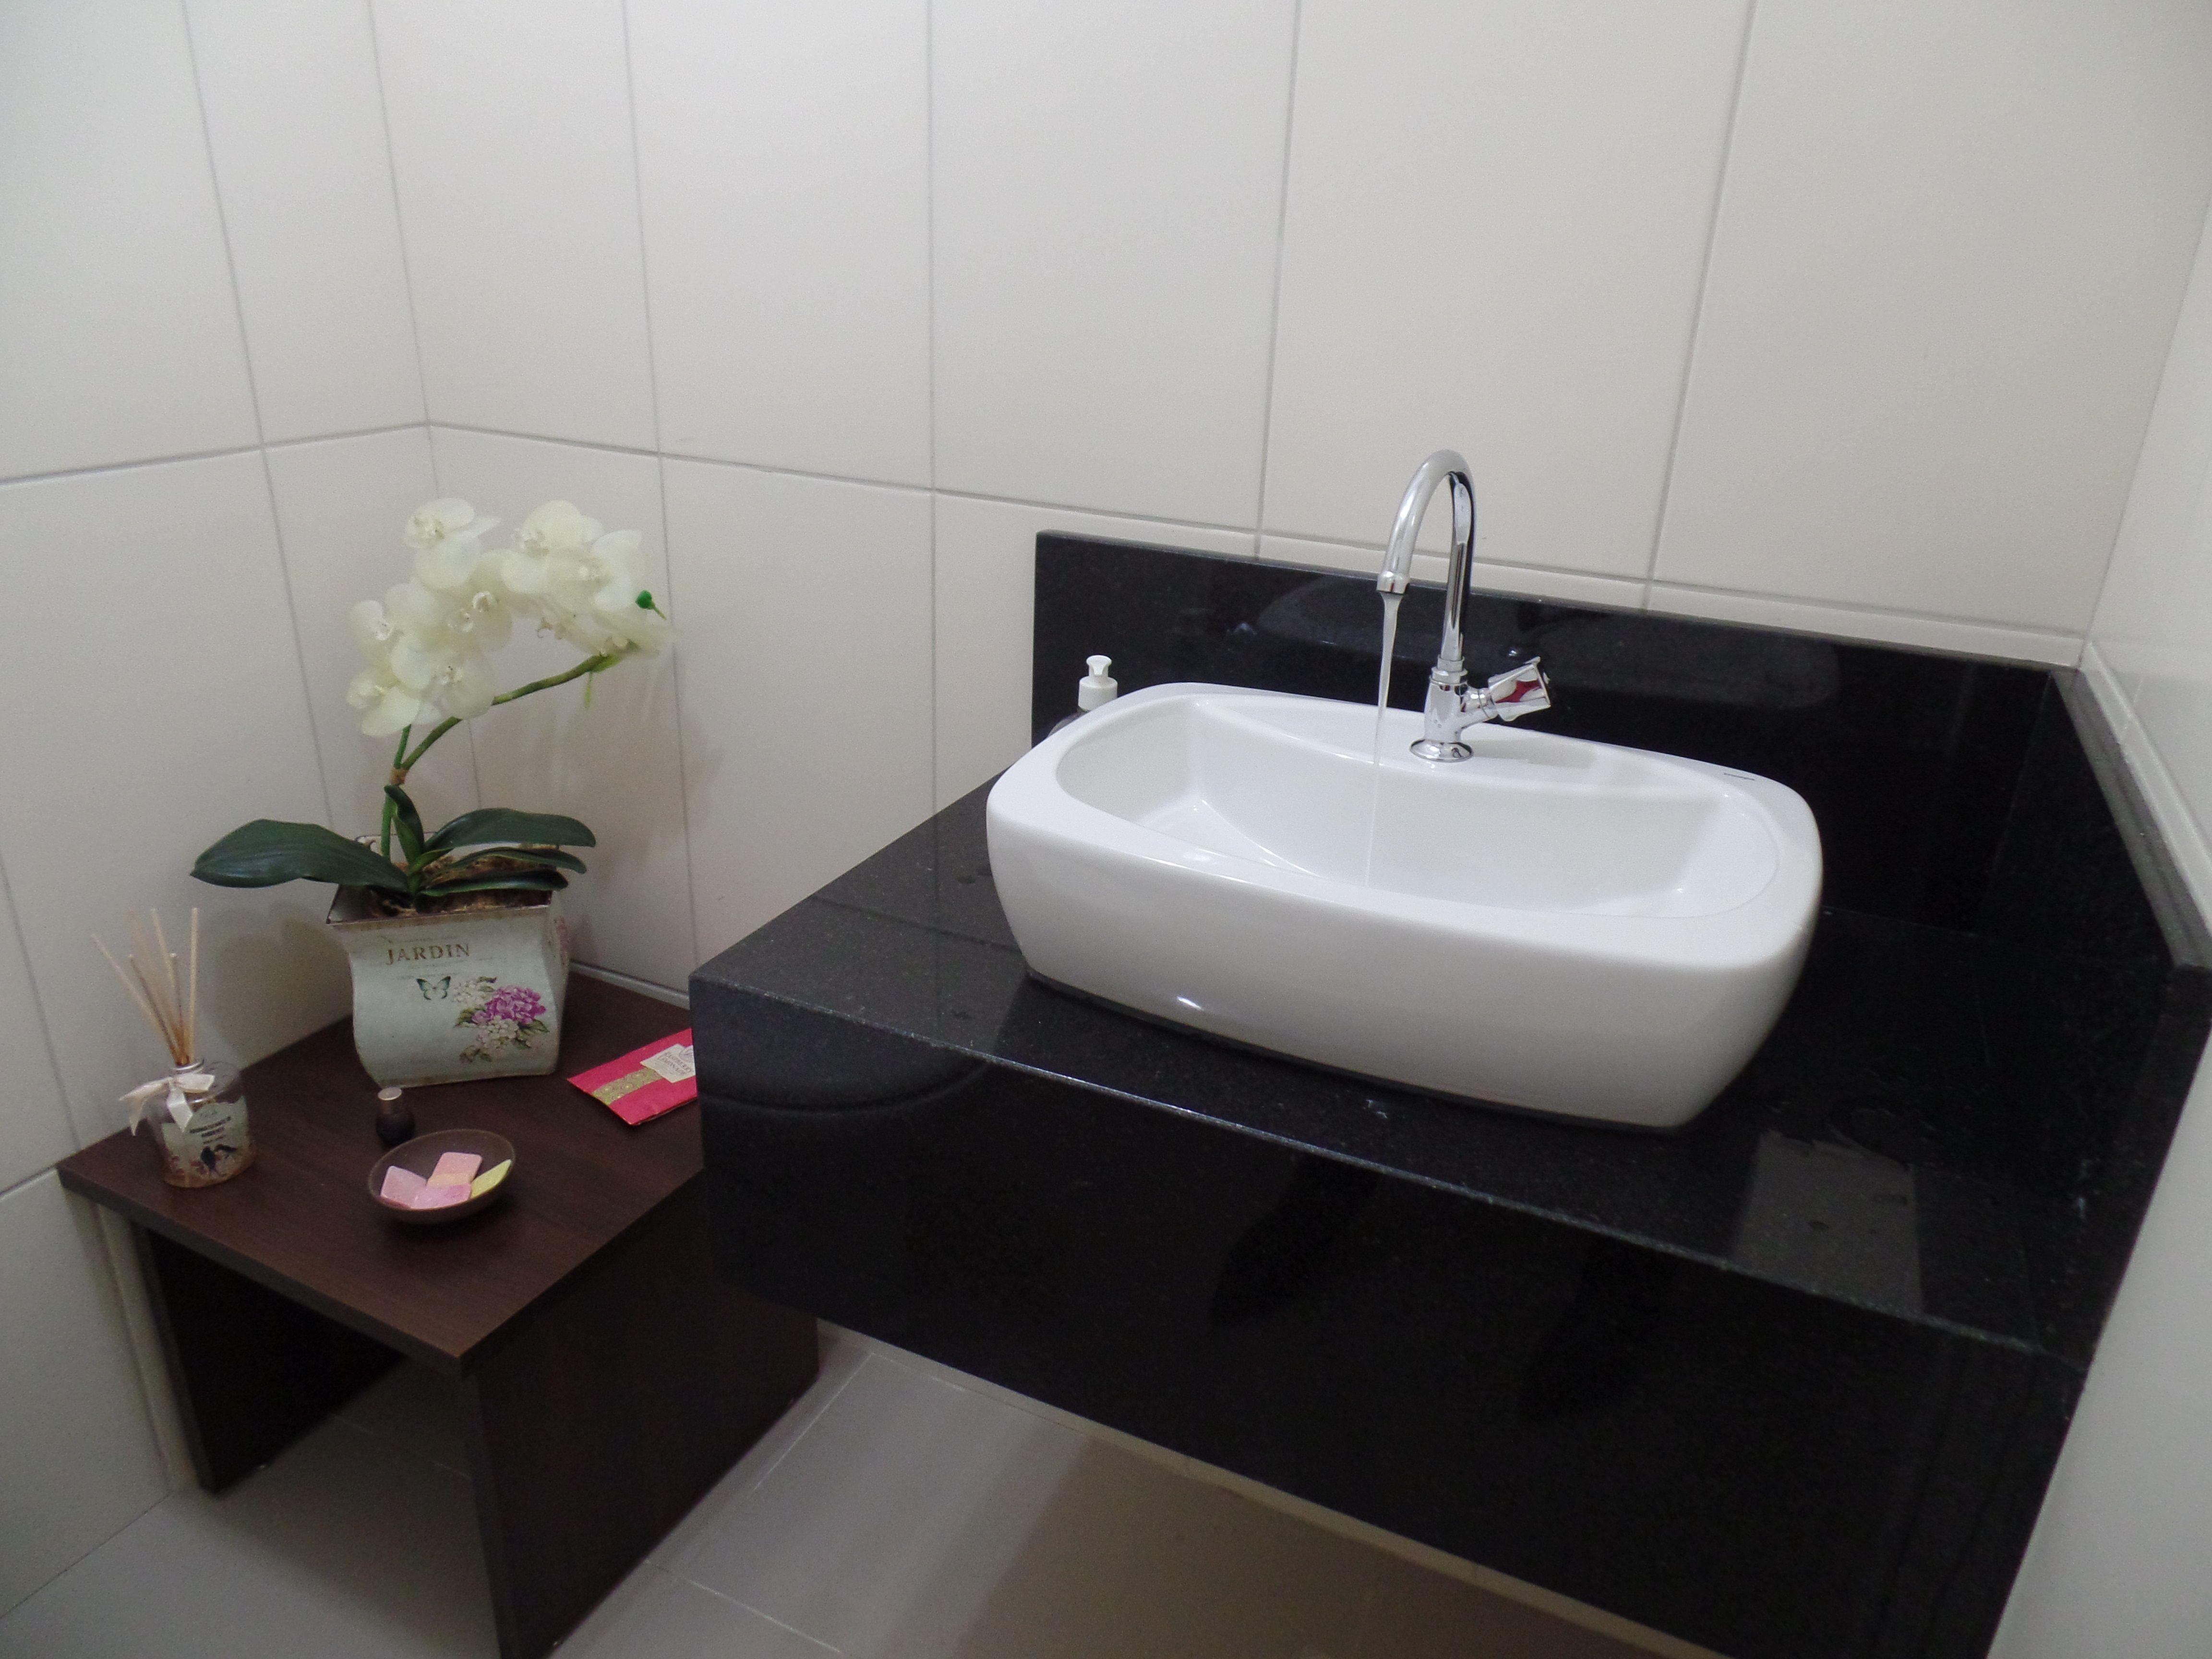 Bancada de Banheiro em Granito Preto São Gabriel  Banheiros  Pinterest  Ba -> Bancada Para Banheiro Pequeno Em Granito